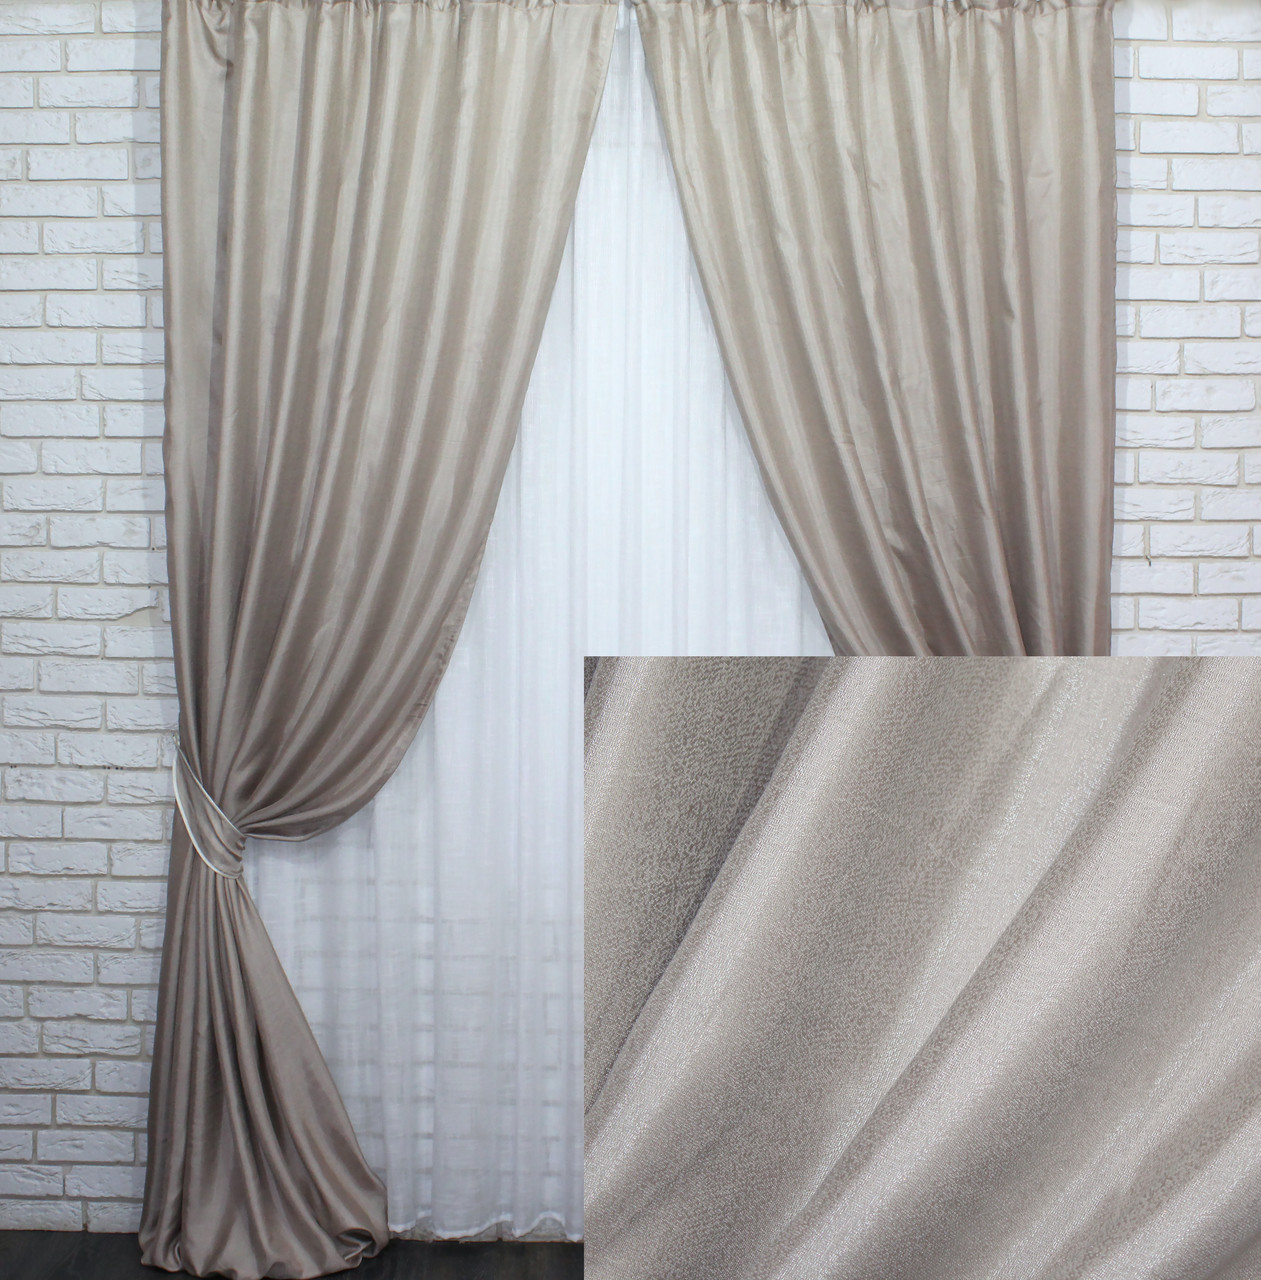 """Комплект (2шт 1.5х2.95м) готовых штор, из жаккардовой ткани, коллекция """"Ибица"""" Цвет тёмный беж Код 702ш 30-474"""